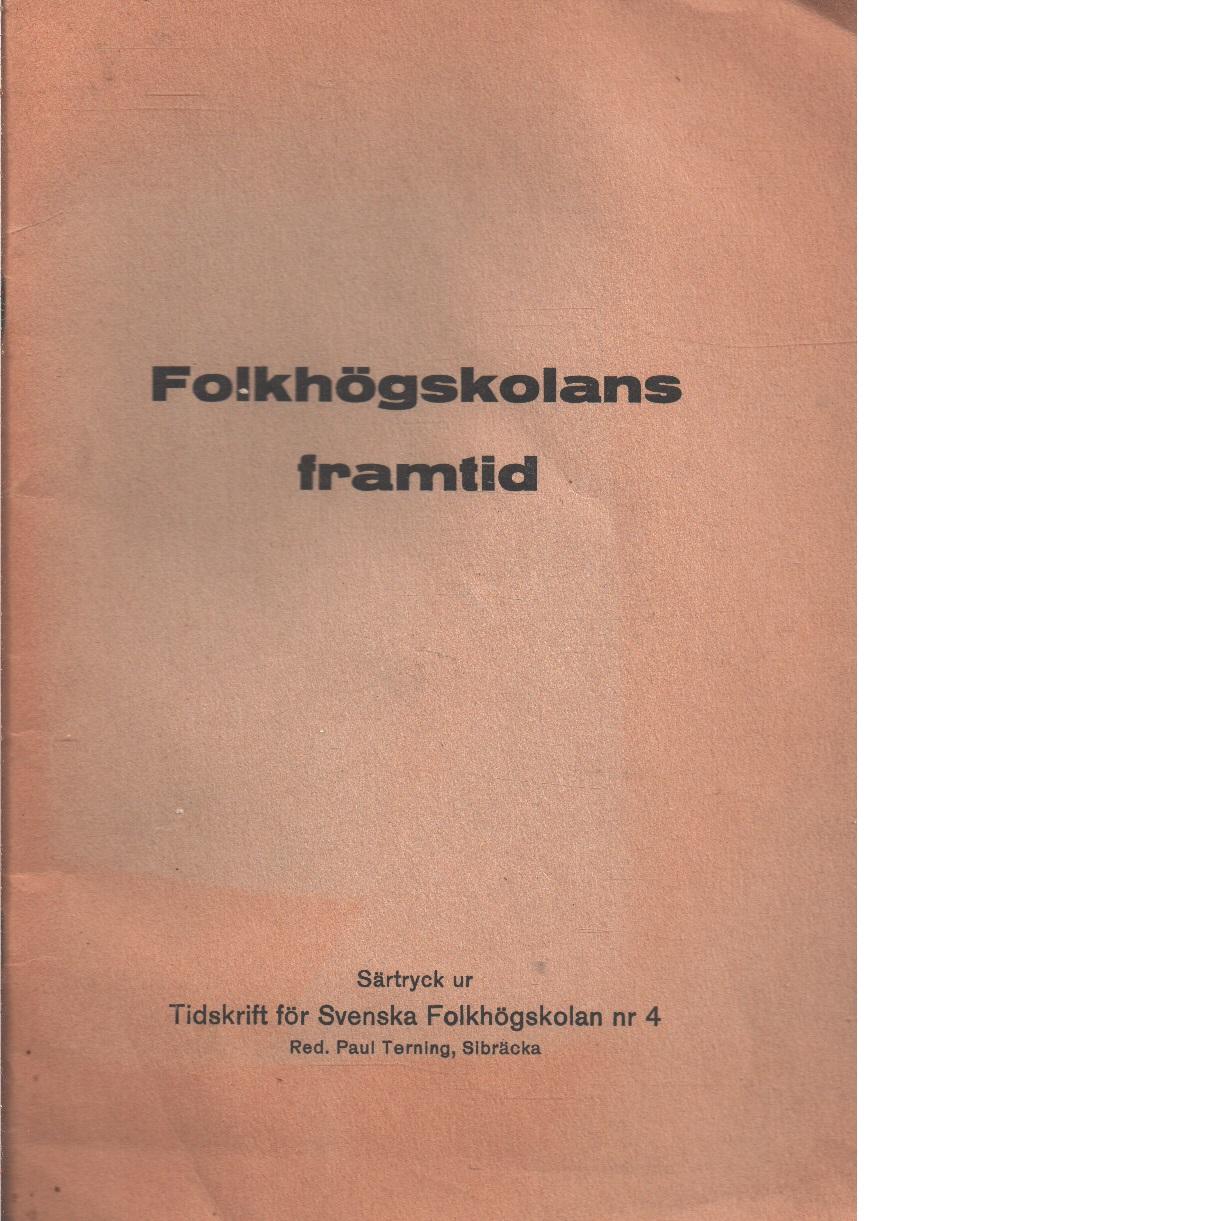 Folkhögskolans framtid / [utg. av tidskrift för svenska folkhögskolan] - Red.